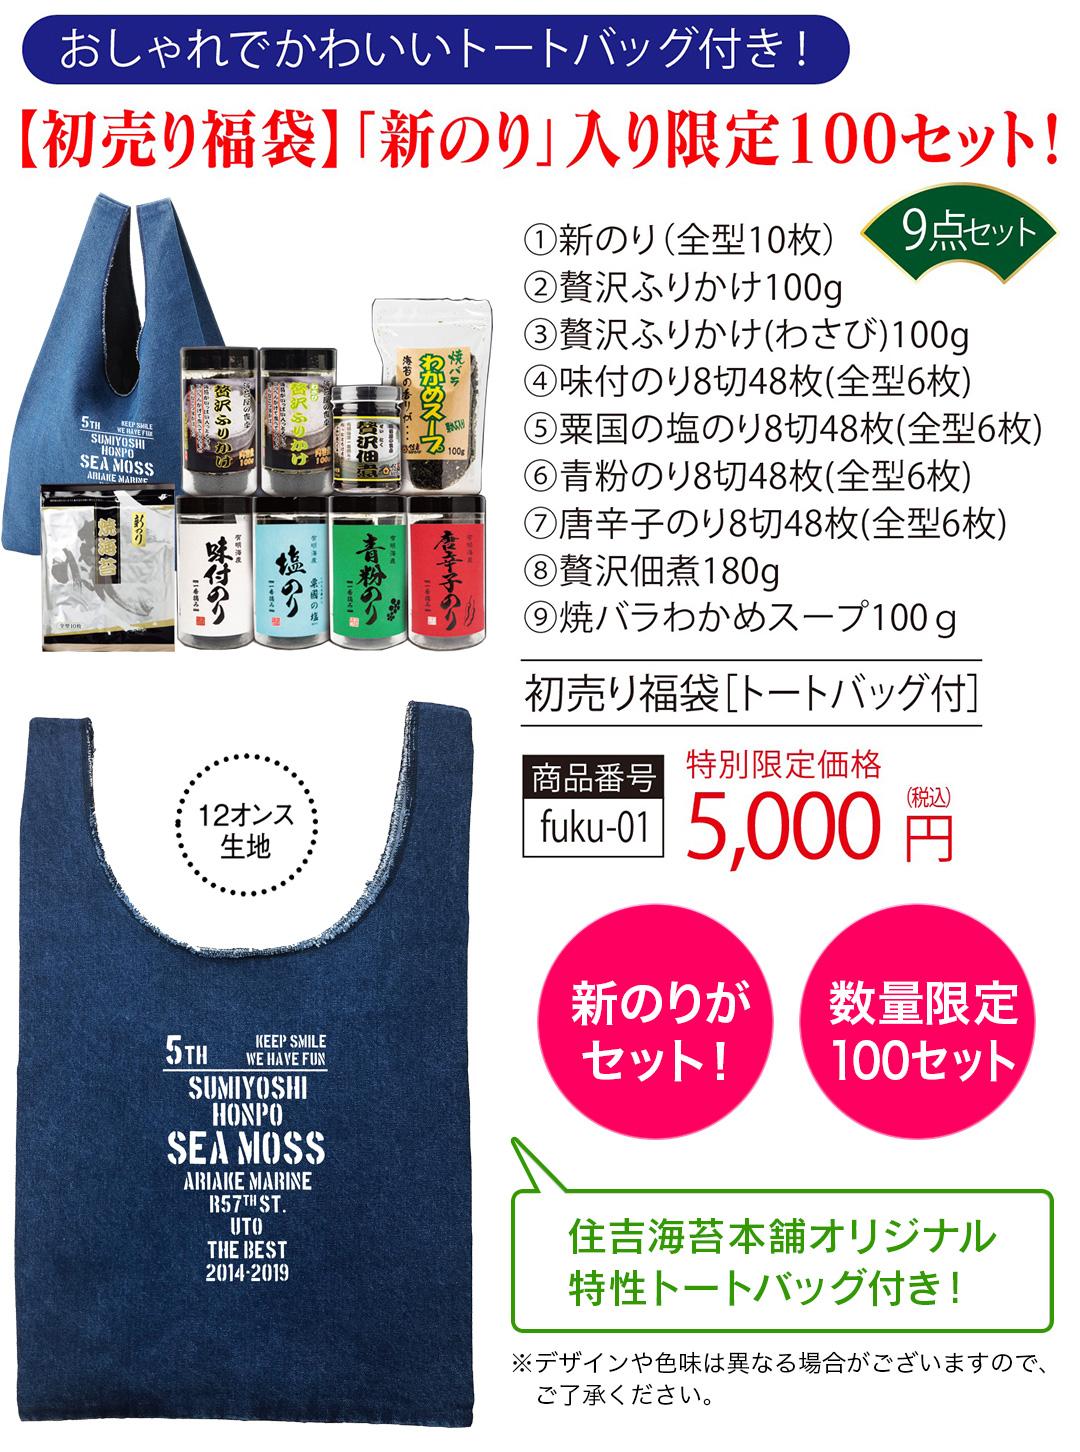 【初売り福袋】旬の「新のり」が入った限定100セット福袋![トートバッグ付]